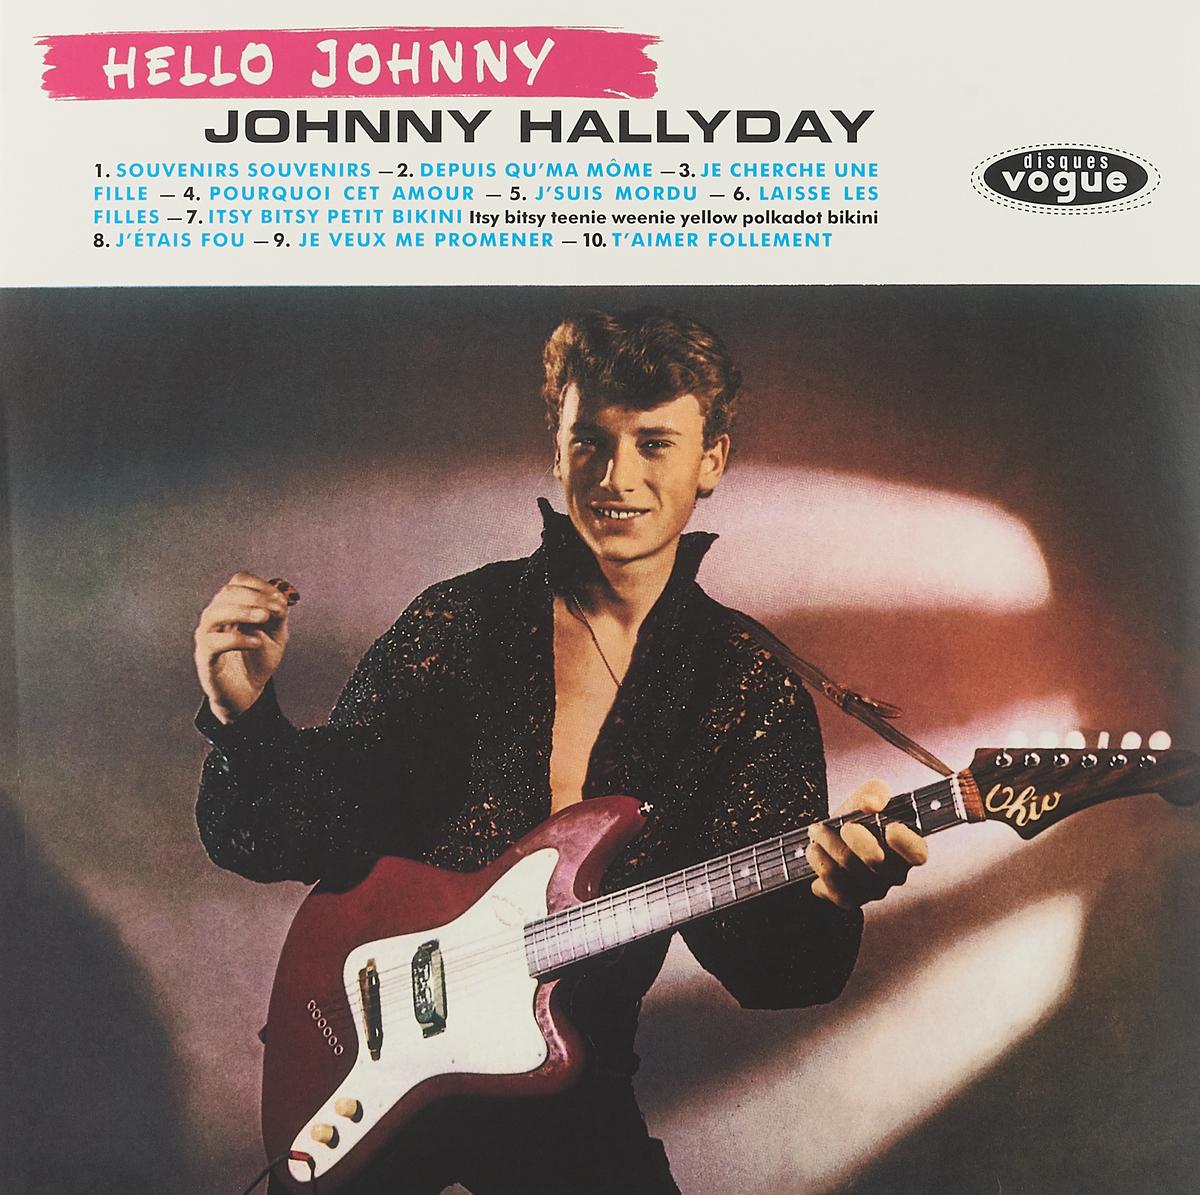 Джонни Холлидей Johnny Hallyday. Hello Johnny (LP) джонни холлидей johnny hallyday born rocker tour concert au theatre de paris 2 lp